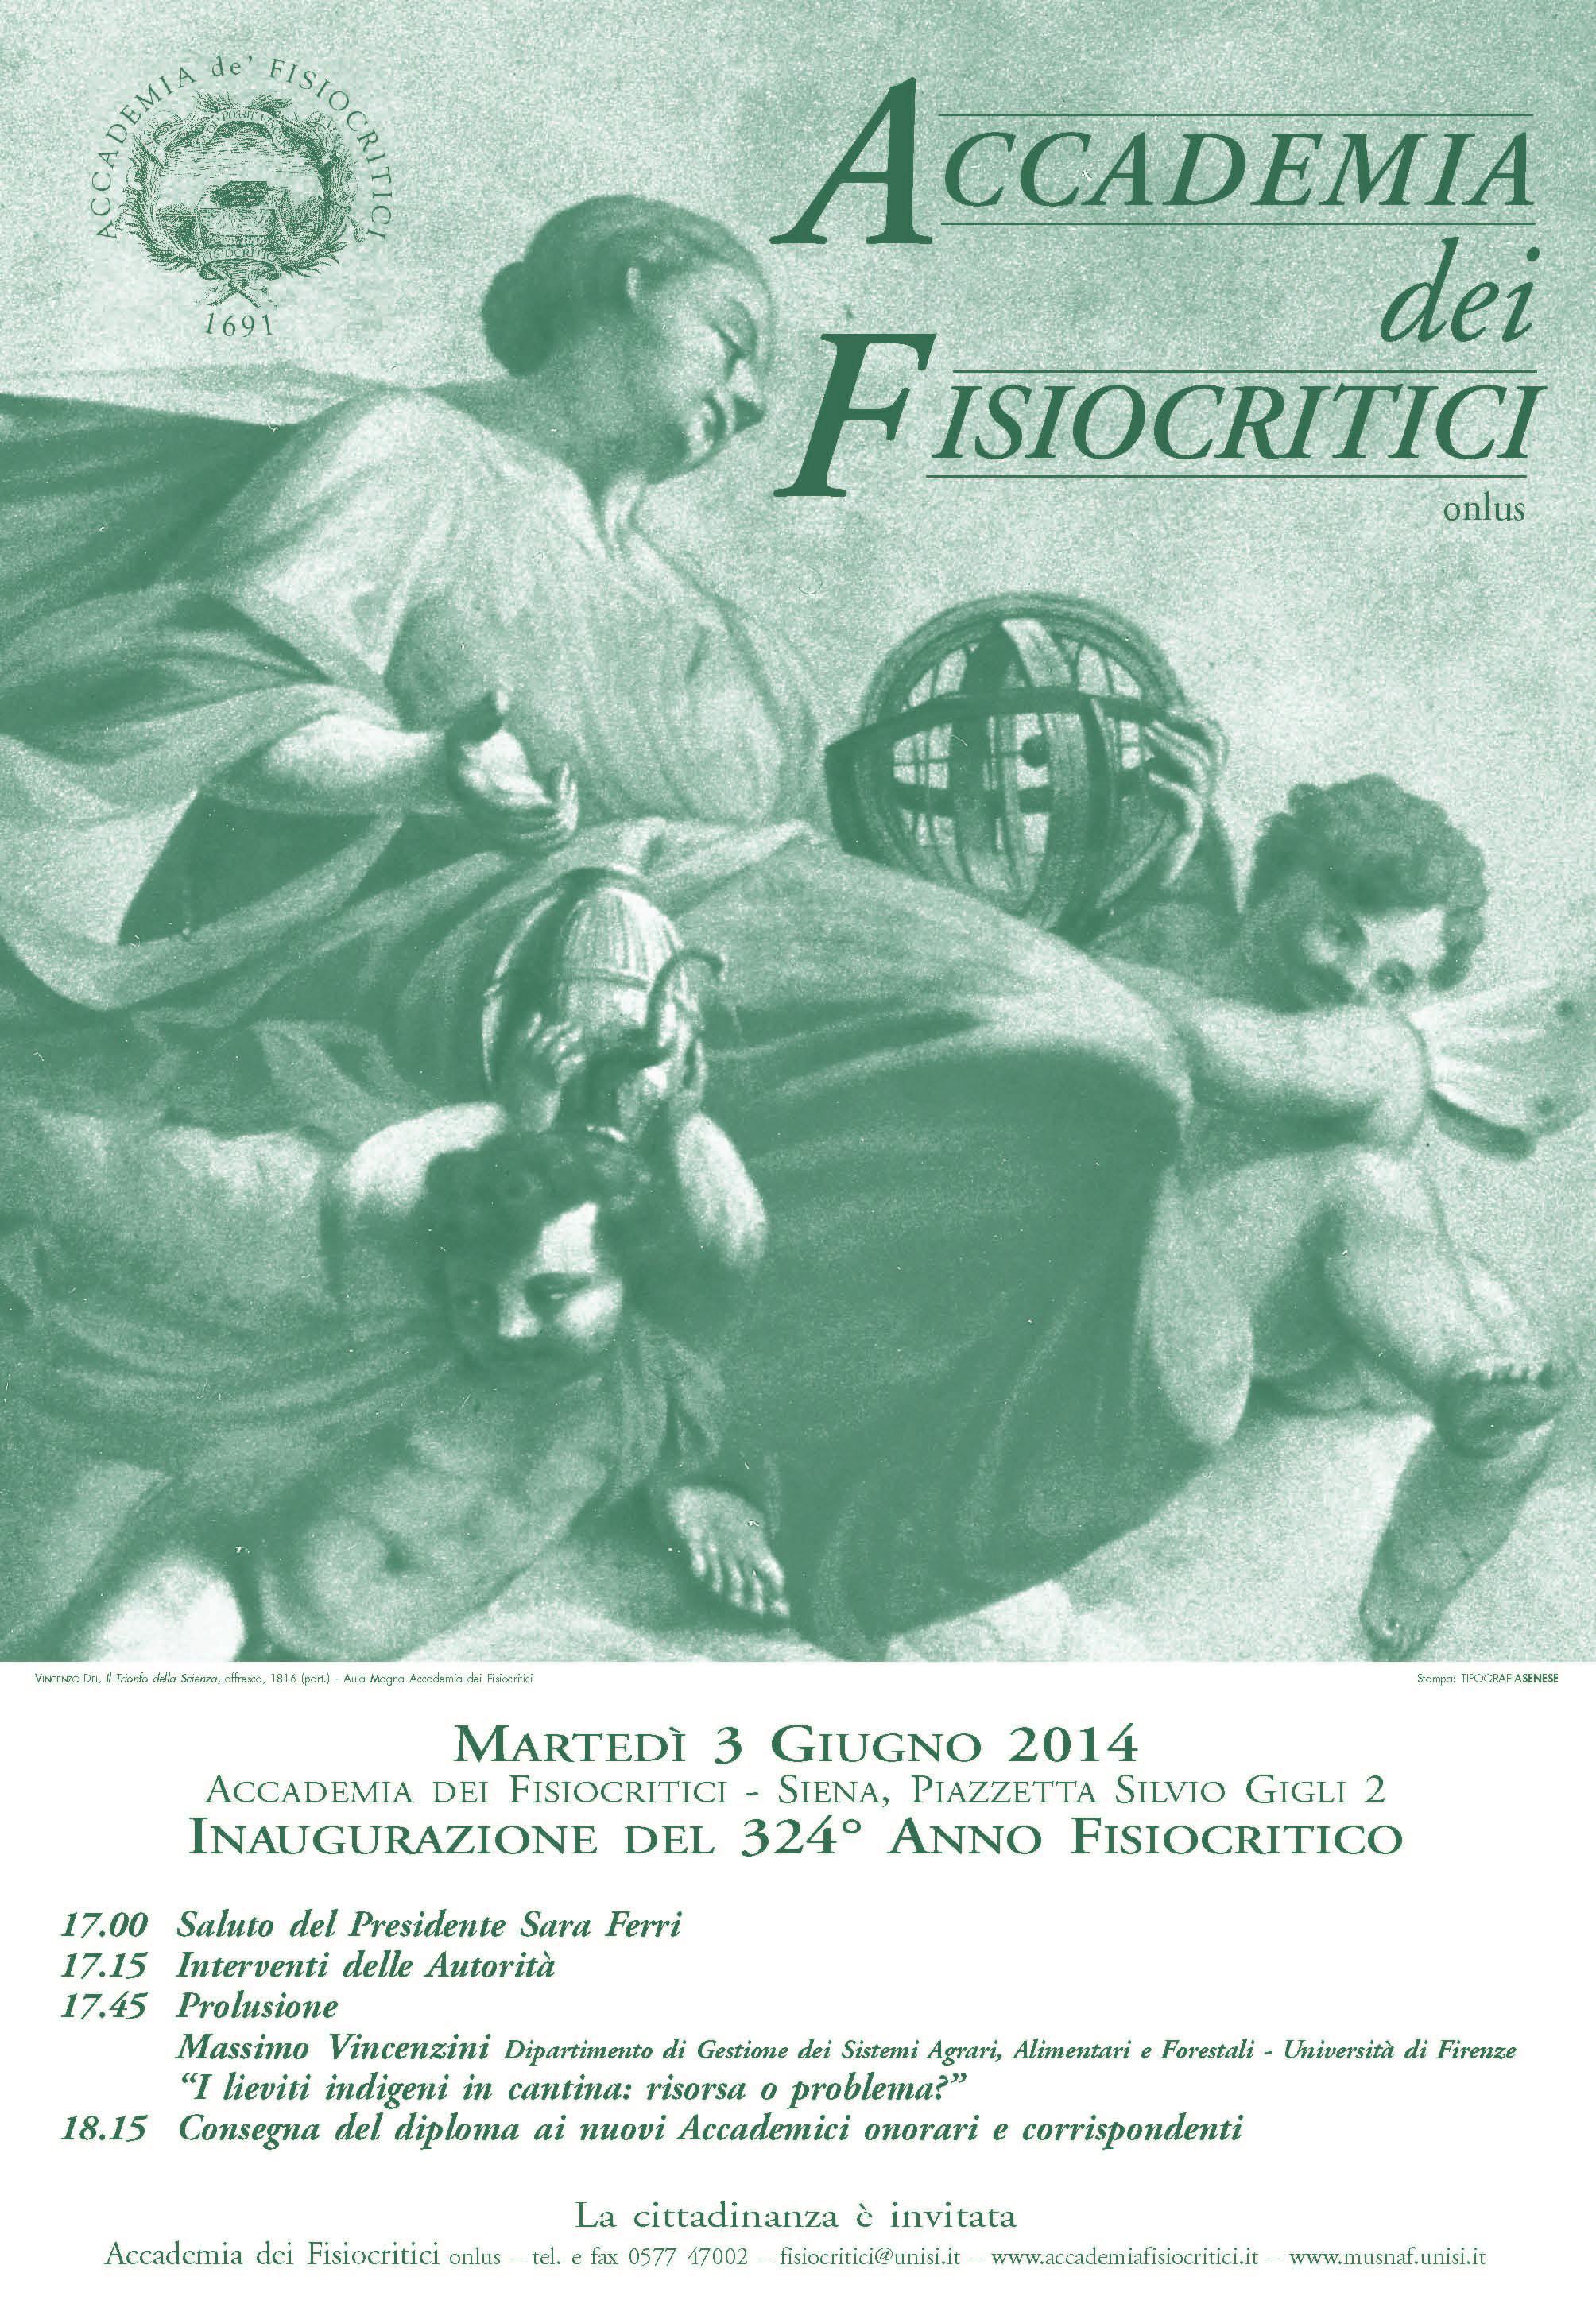 Manifesto 324° Anno Fisiocritico